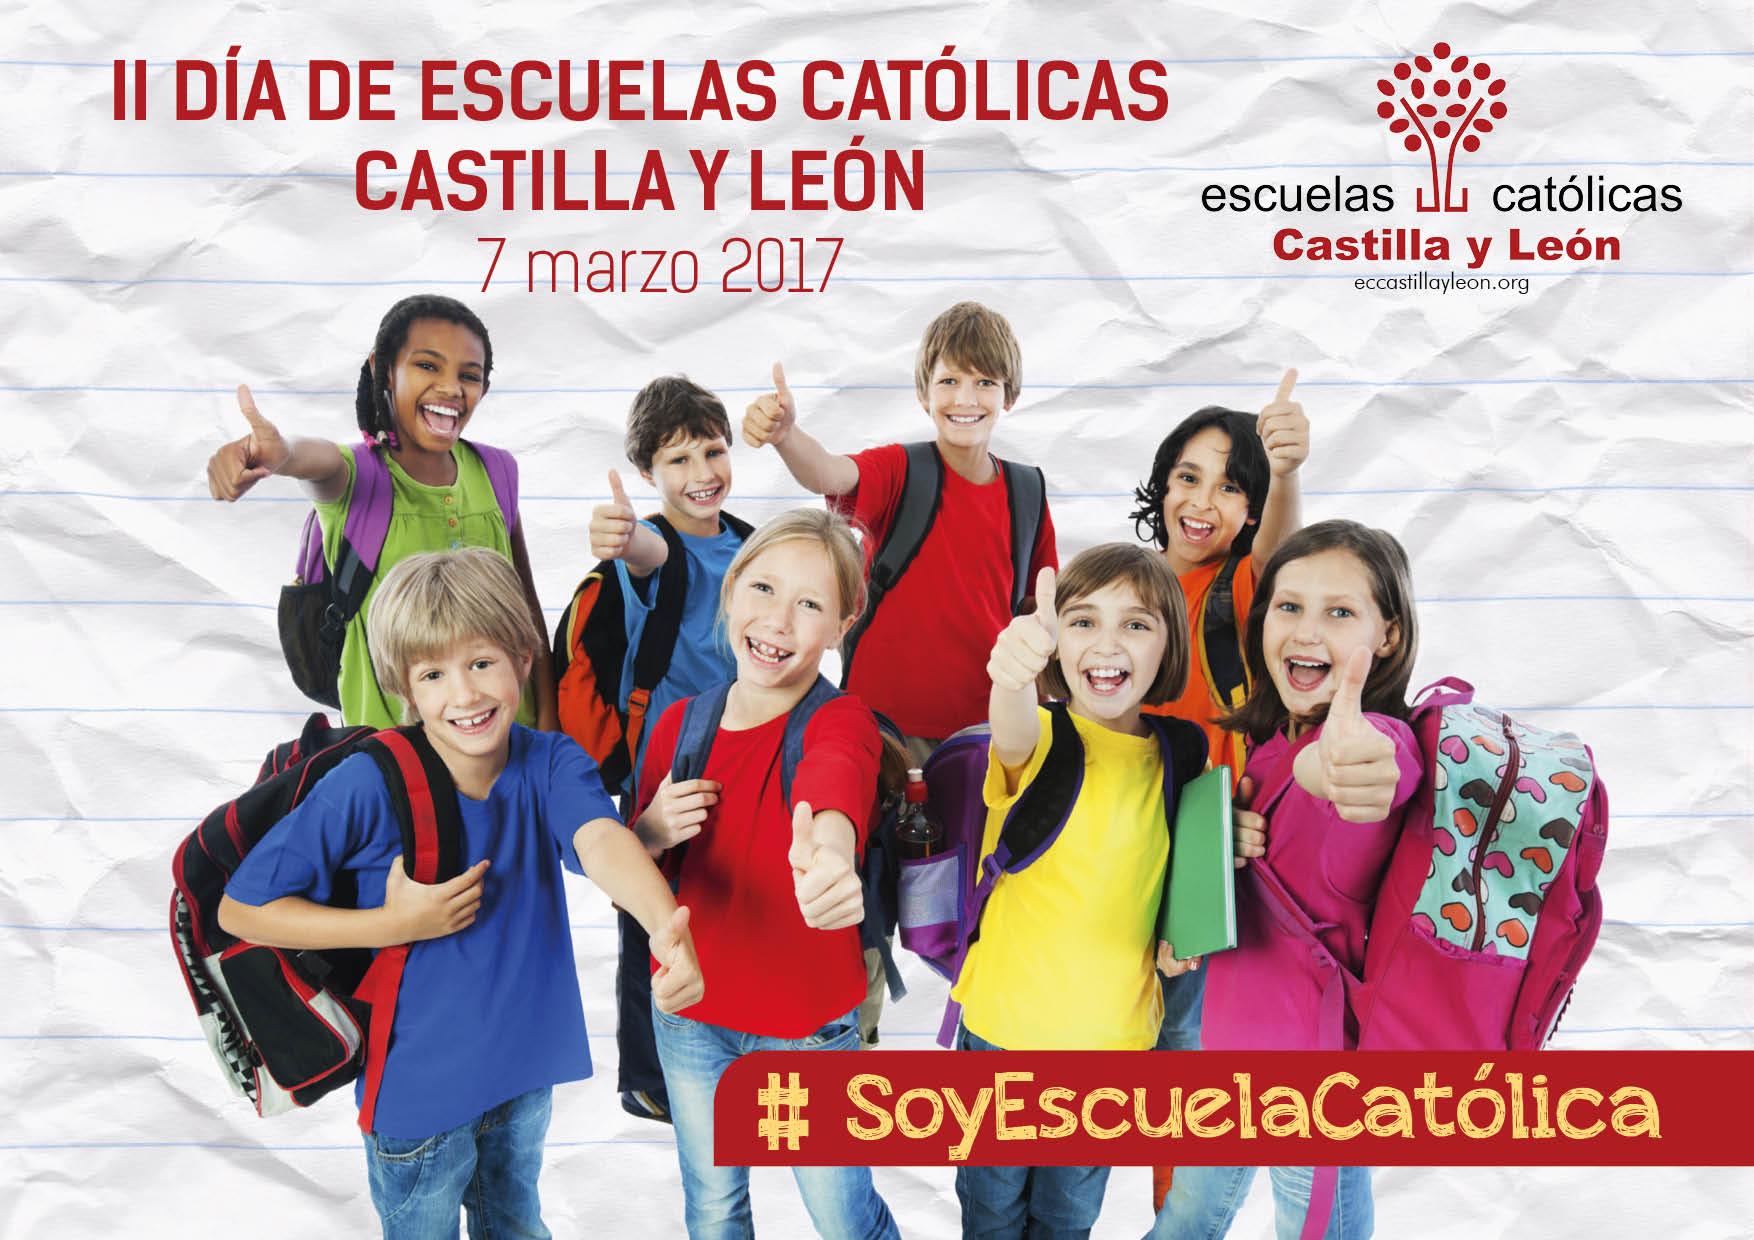 Día de Escuelas Católicas Castilla y León 2017